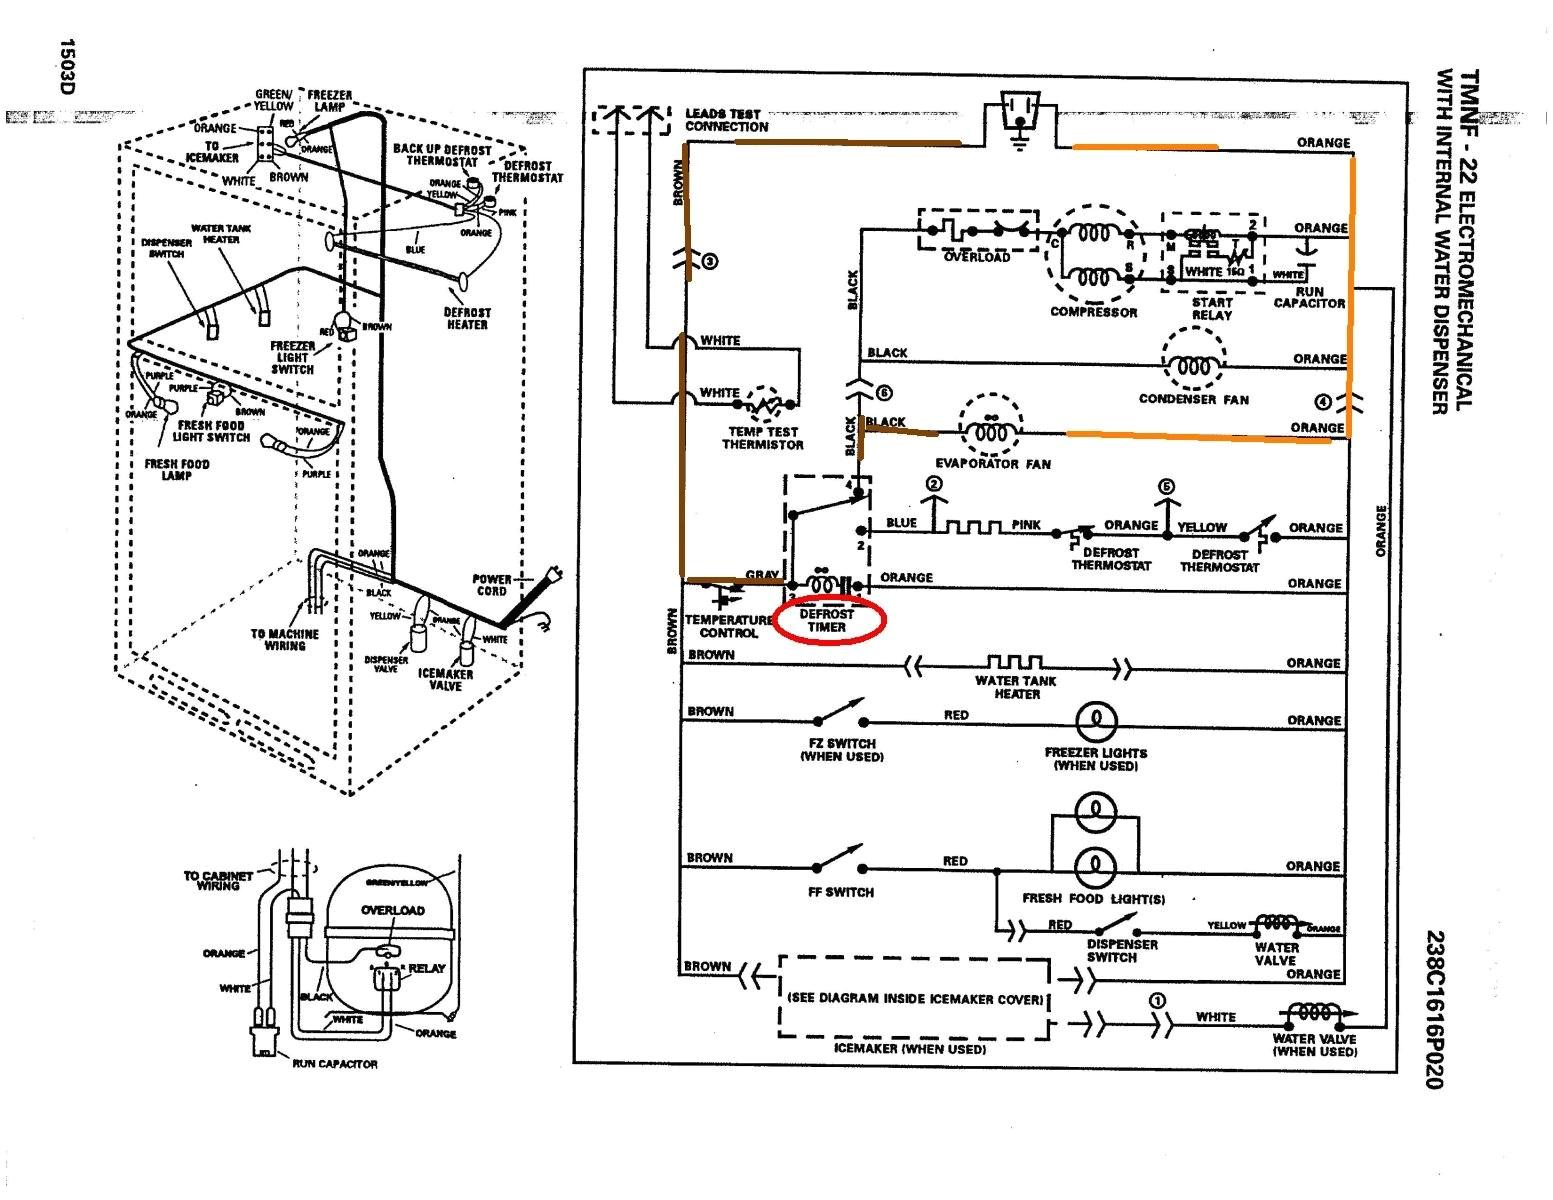 ge monogram wiring diagram wiring diagram database ge monogram wiring diagram